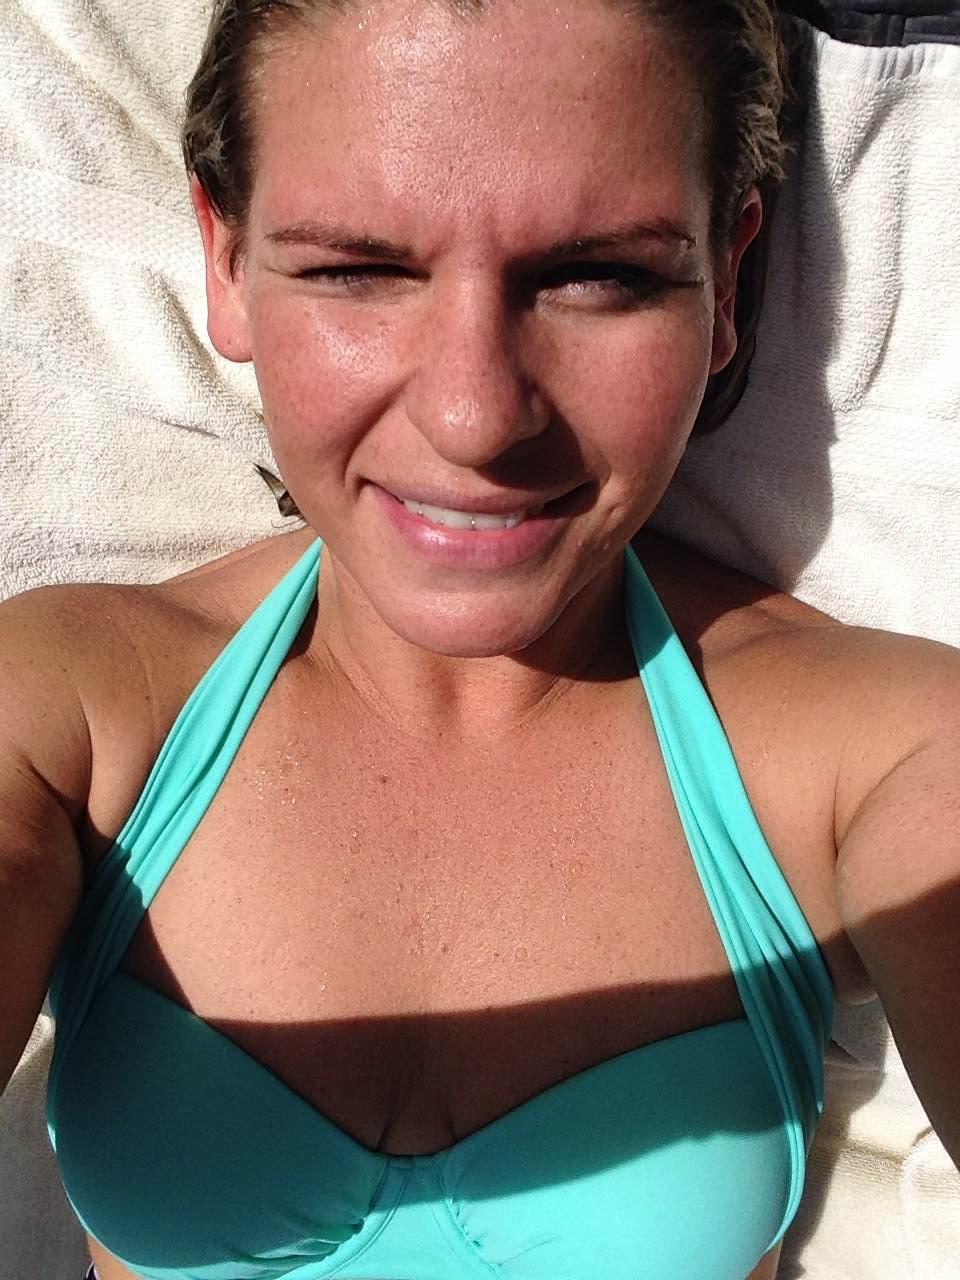 Beach squint. 8-)